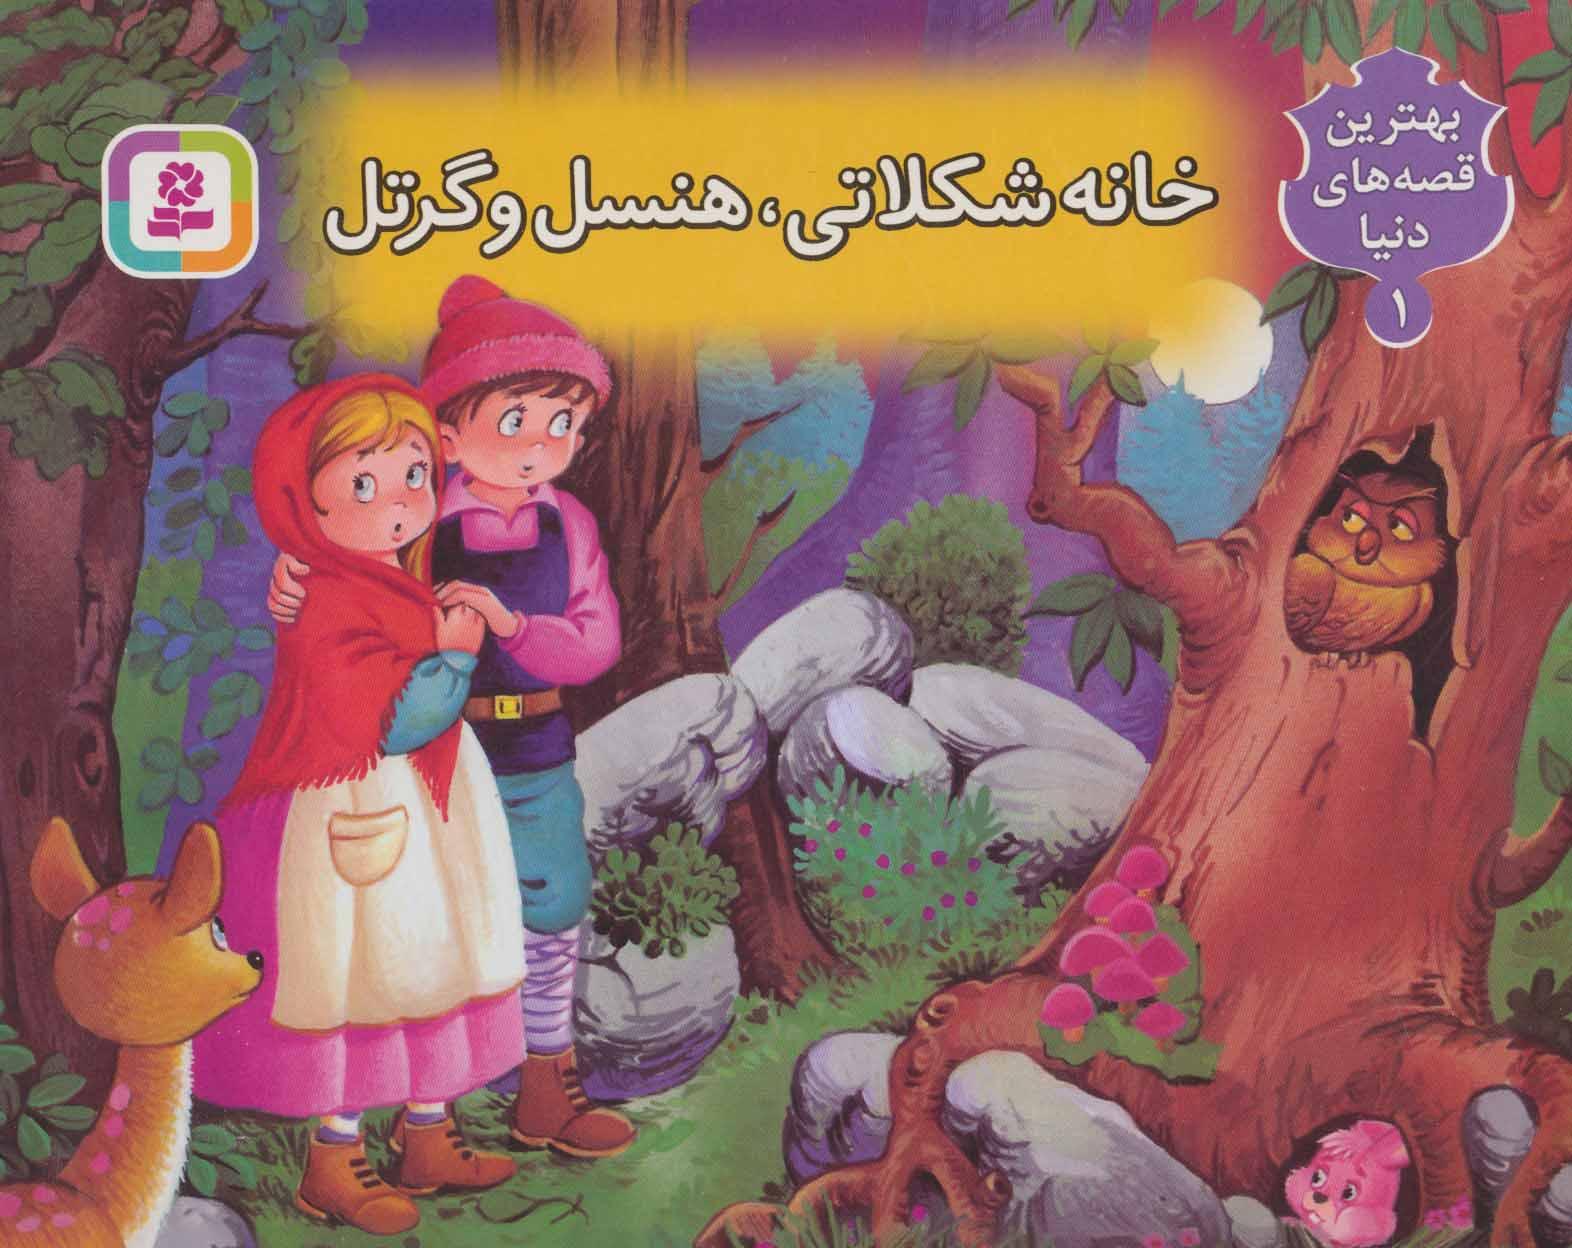 کتاب برجسته بهترین قصه های دنیا 1 (خانه شکلاتی هنسل و گرتل )،(گلاسه)